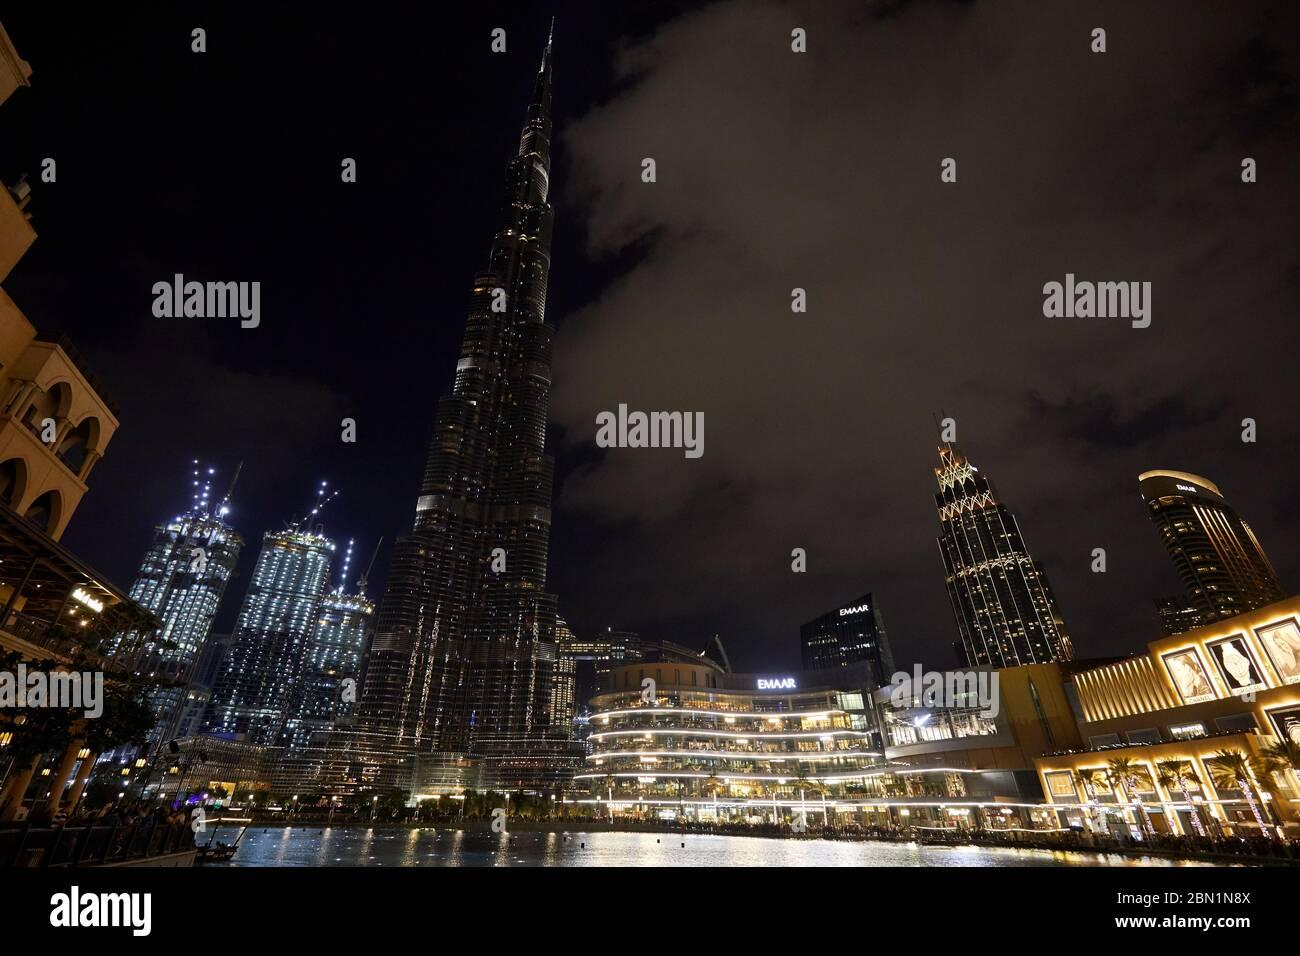 DUBAÏ, ÉMIRATS ARABES UNIS - 21 NOVEMBRE 2019 : gratte-ciel Burj Khalifa et centre commercial de Dubaï avec des personnes illuminées la nuit Banque D'Images